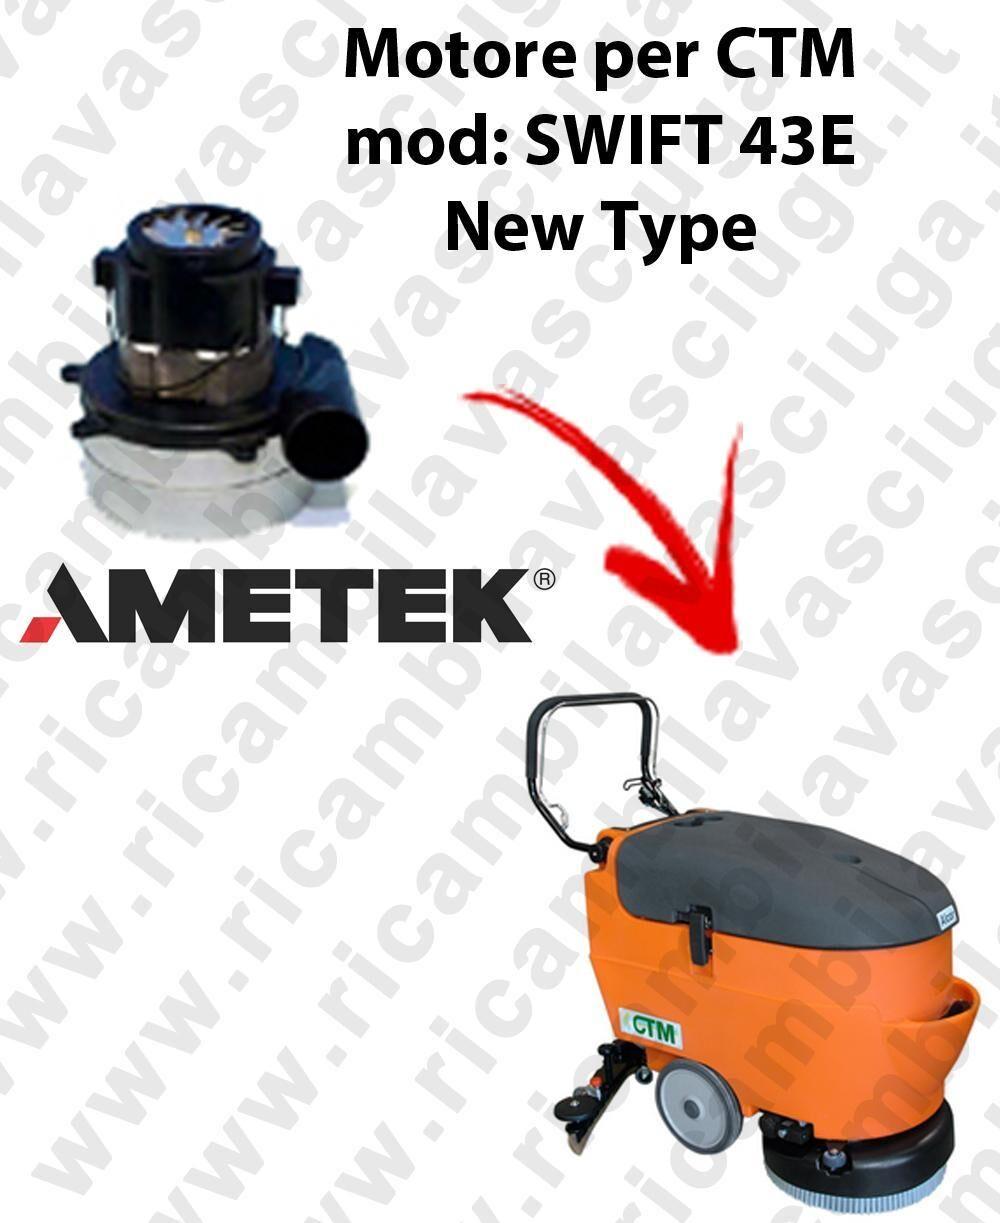 synclean swift 43 e new type motore di aspirazione per lavapavimenti ctm